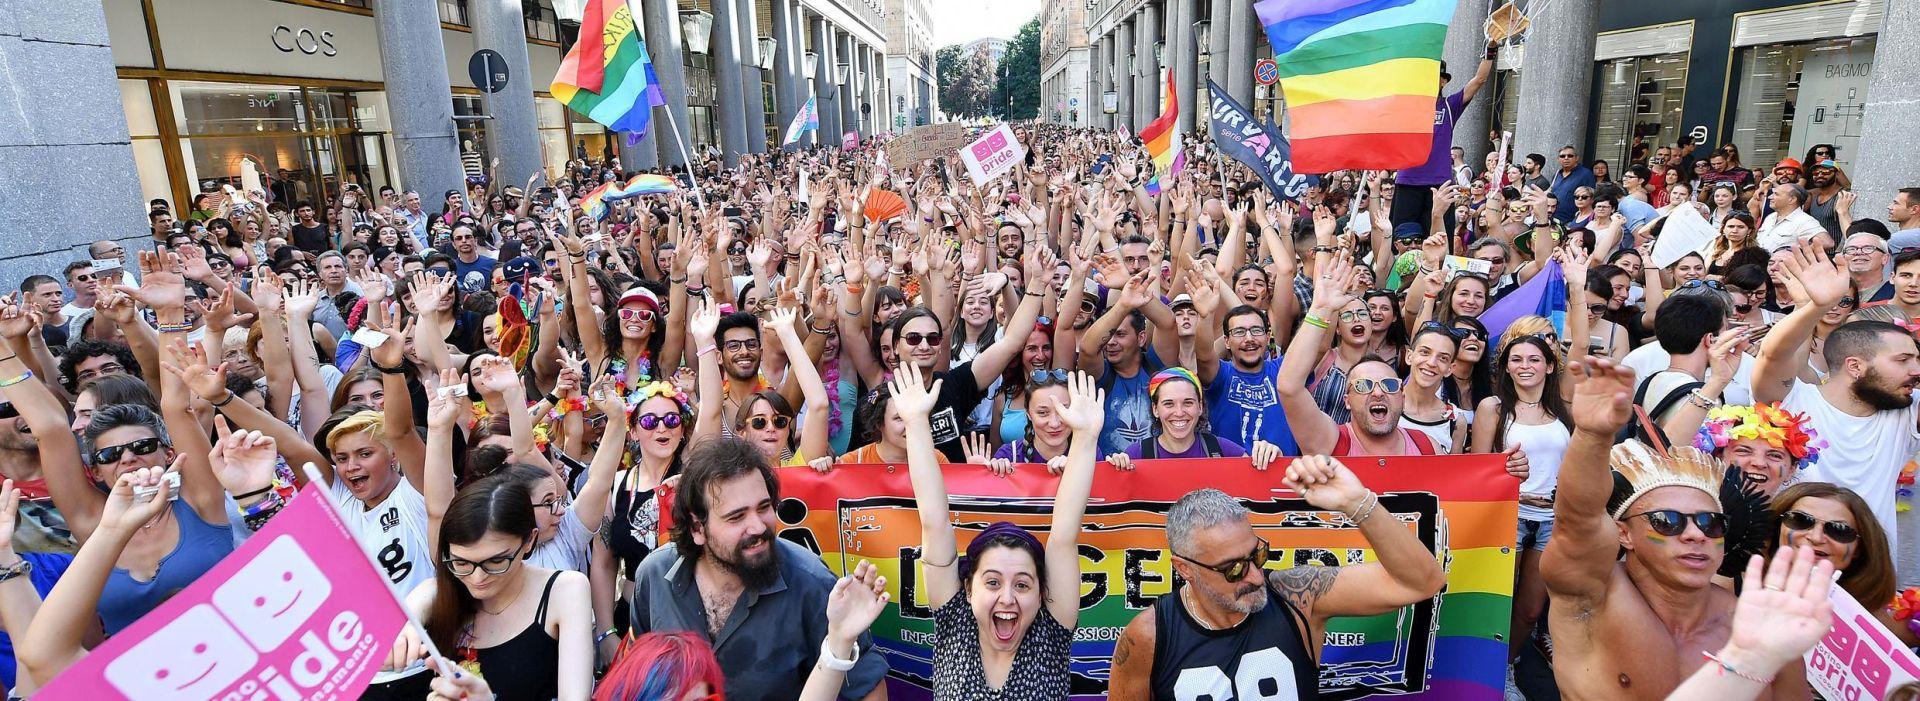 Predstavljena prva hrvatska slikovnica o istospolnim obiteljima